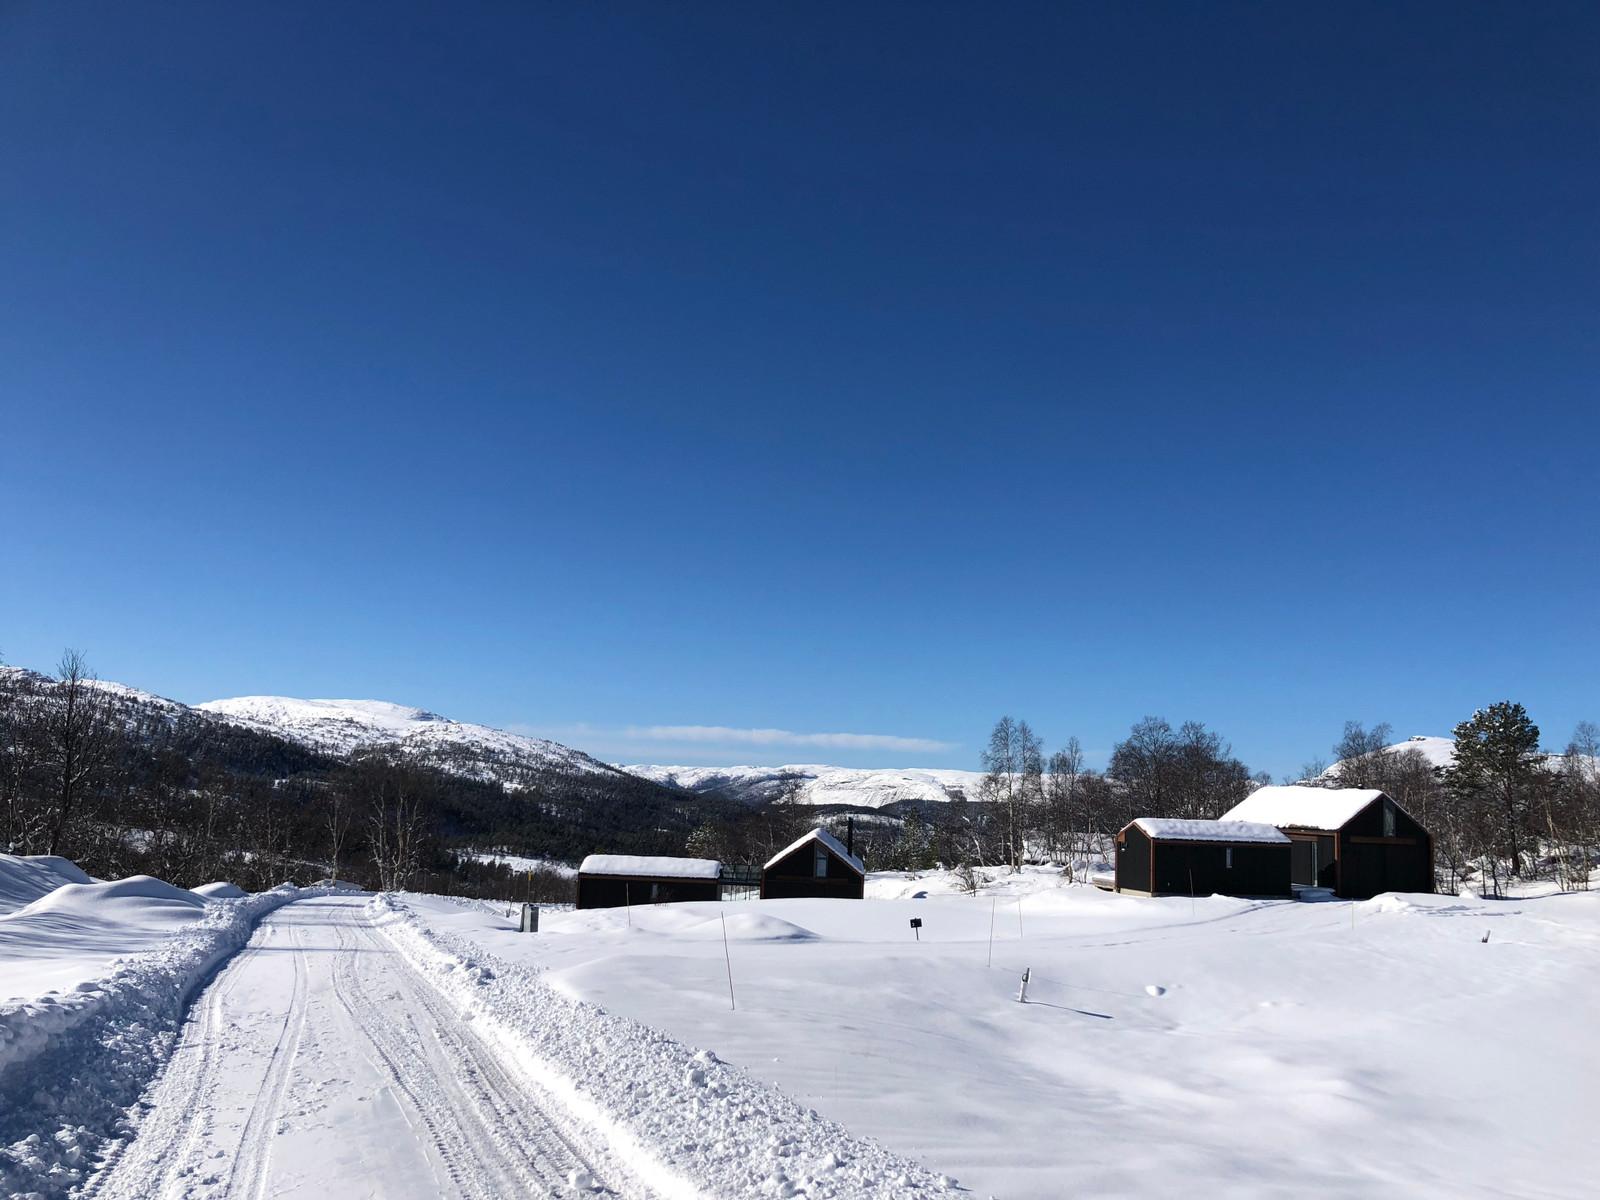 Bilder fra Hattevarden Knaben, hyttene som er oppført, og området rundt.  Hyttene ligger lunt, med gode sol forhold, samt nydelig utsikt! Virkelig en perle på høyfjellet.